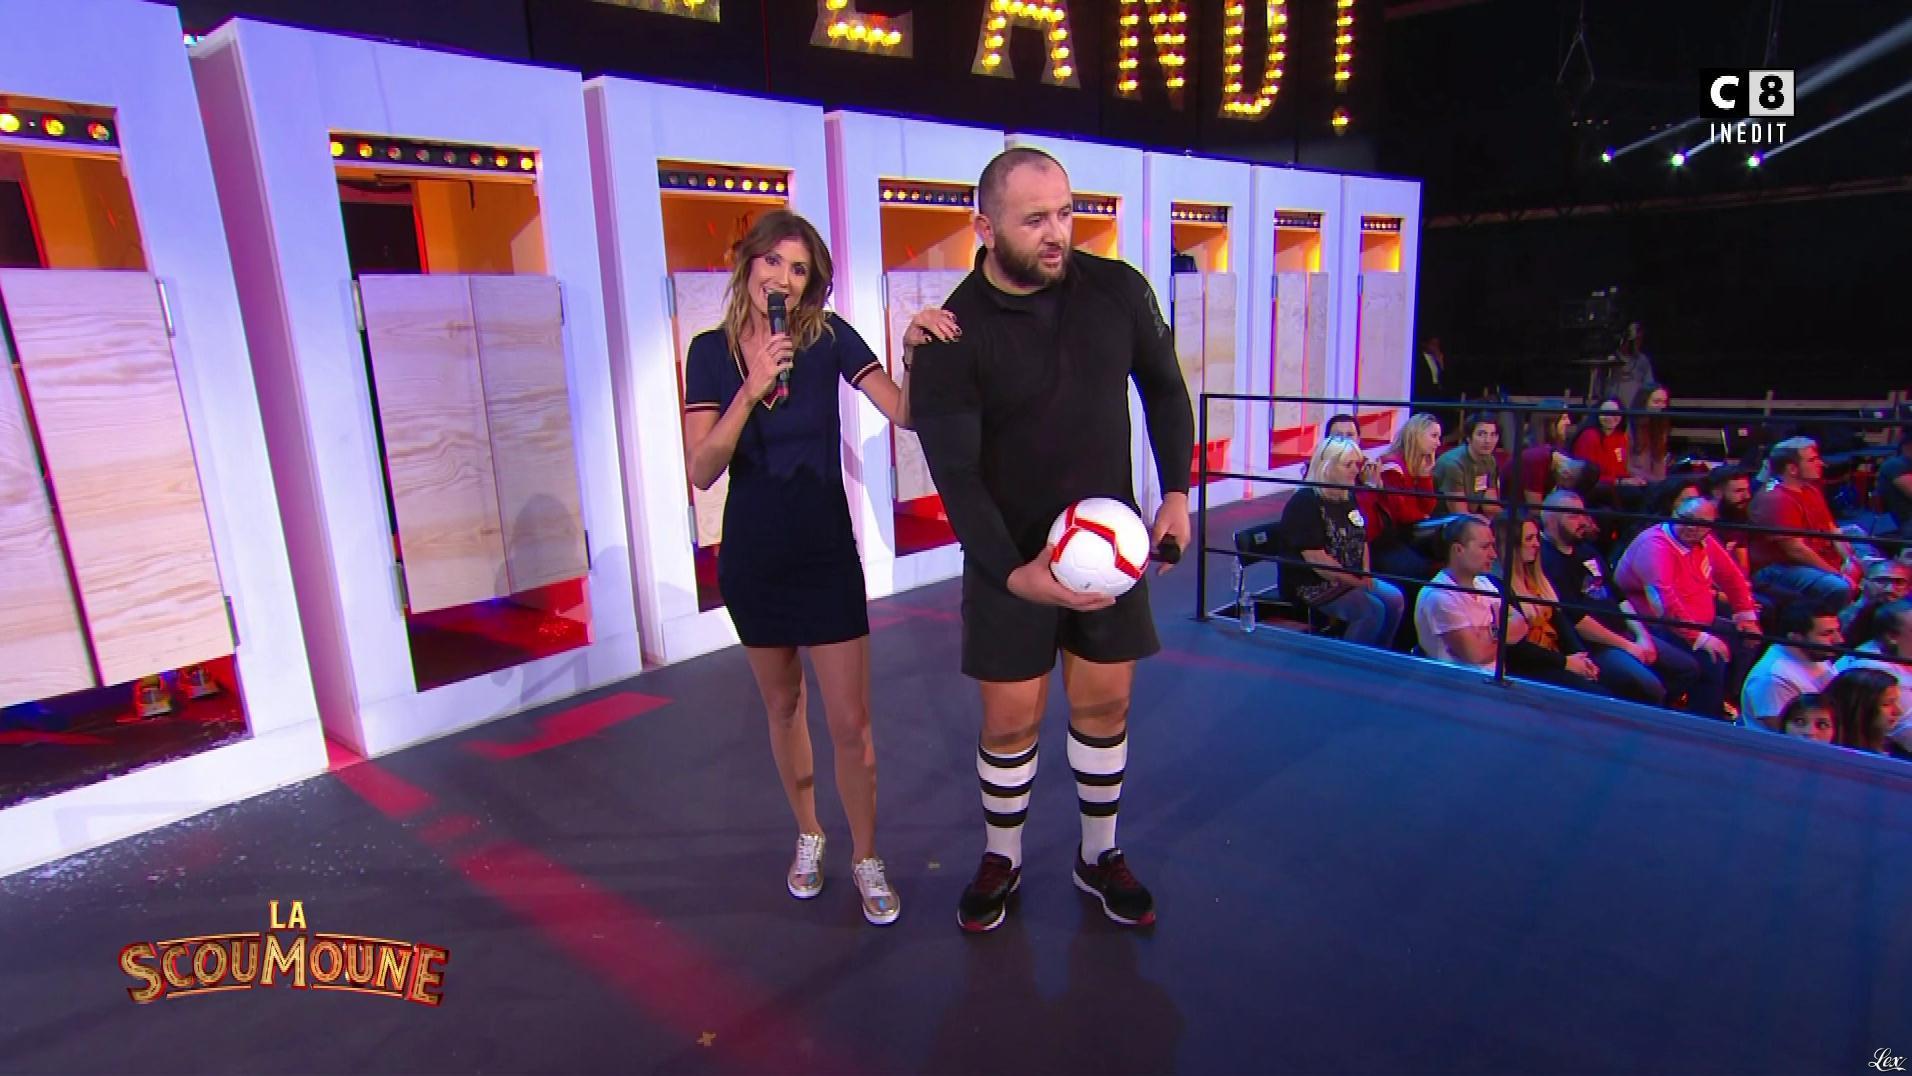 Caroline Ithurbide dans la Scoumoune. Diffusé à la télévision le 22/01/19.